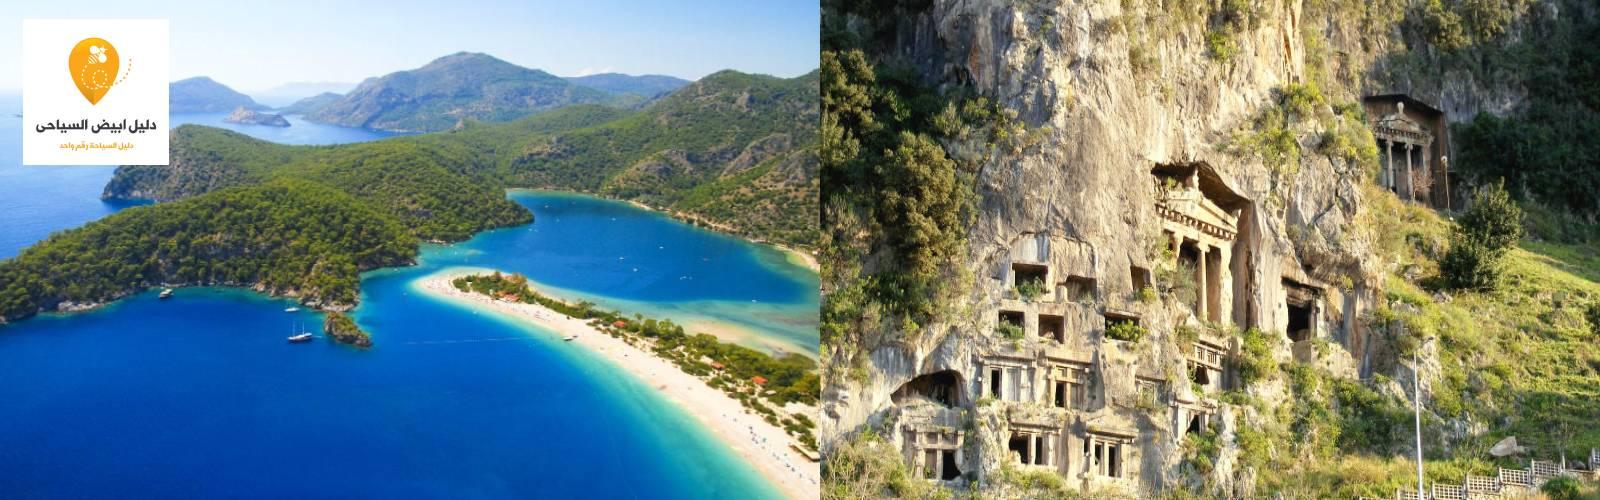 السياحة في فتحية وما يجب معرفتة